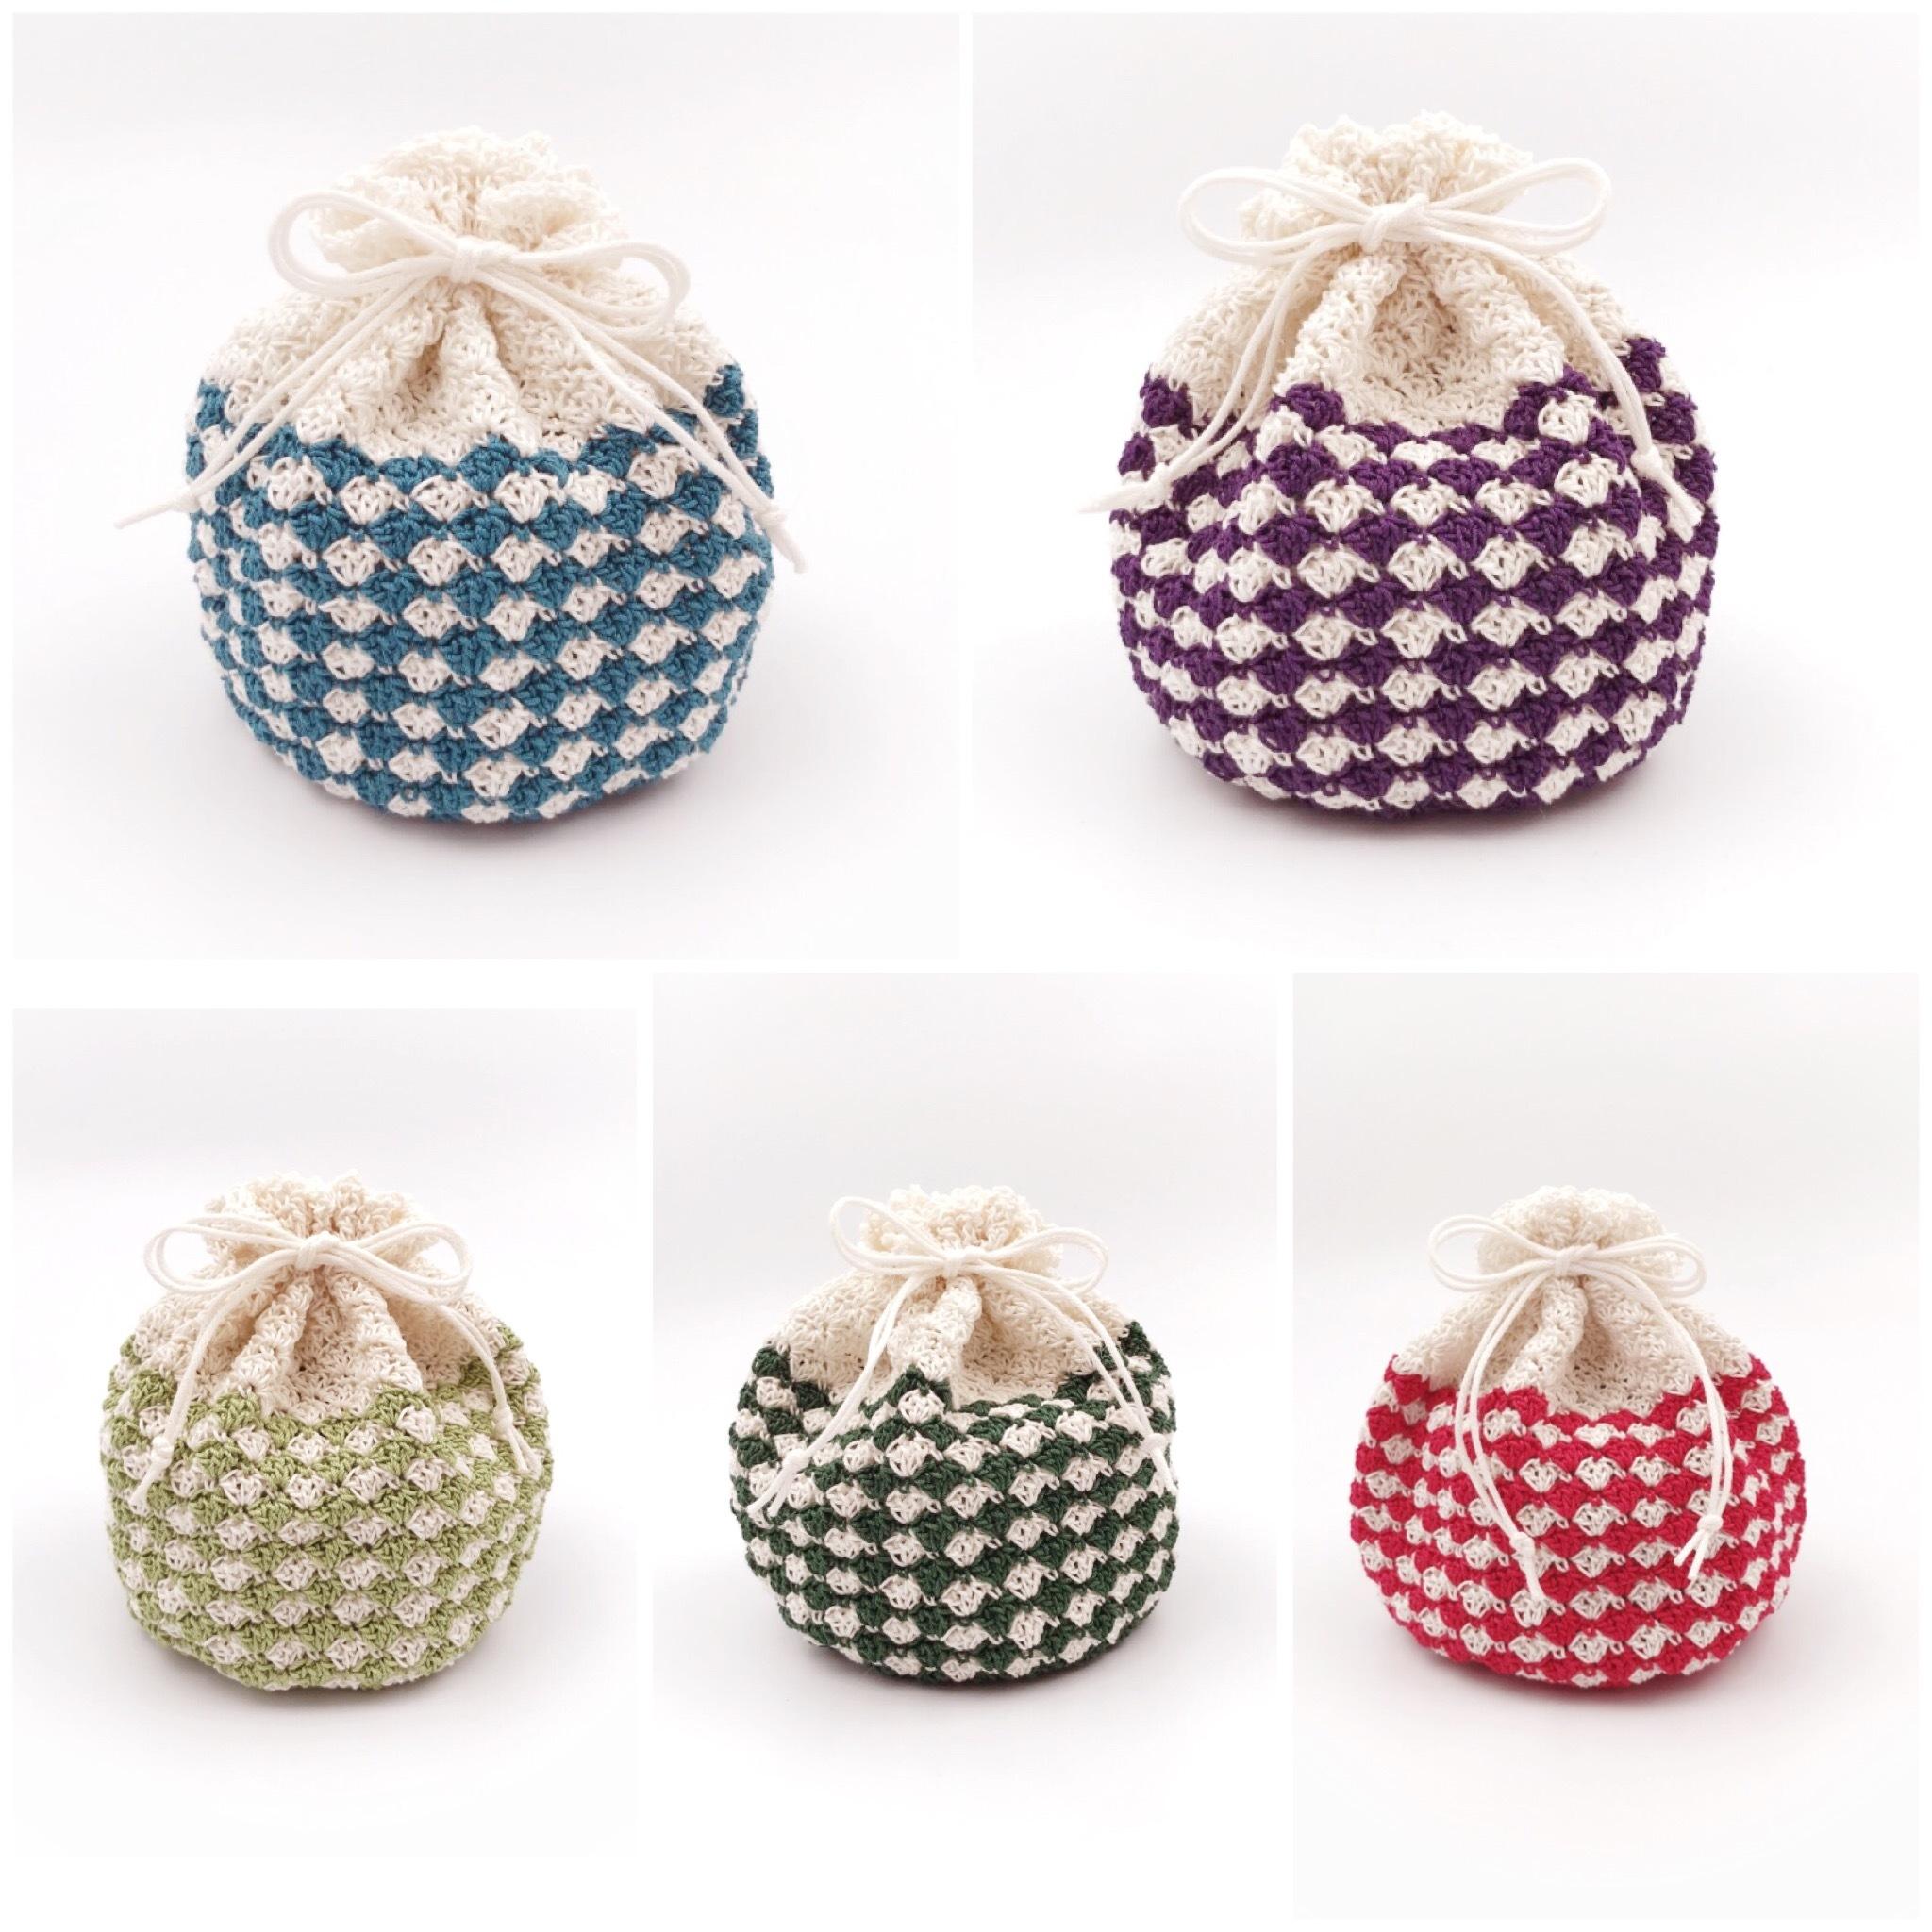 手編み雑貨、HanahanD、レトロ、可愛い、巾着、敬老の日、プチギフト